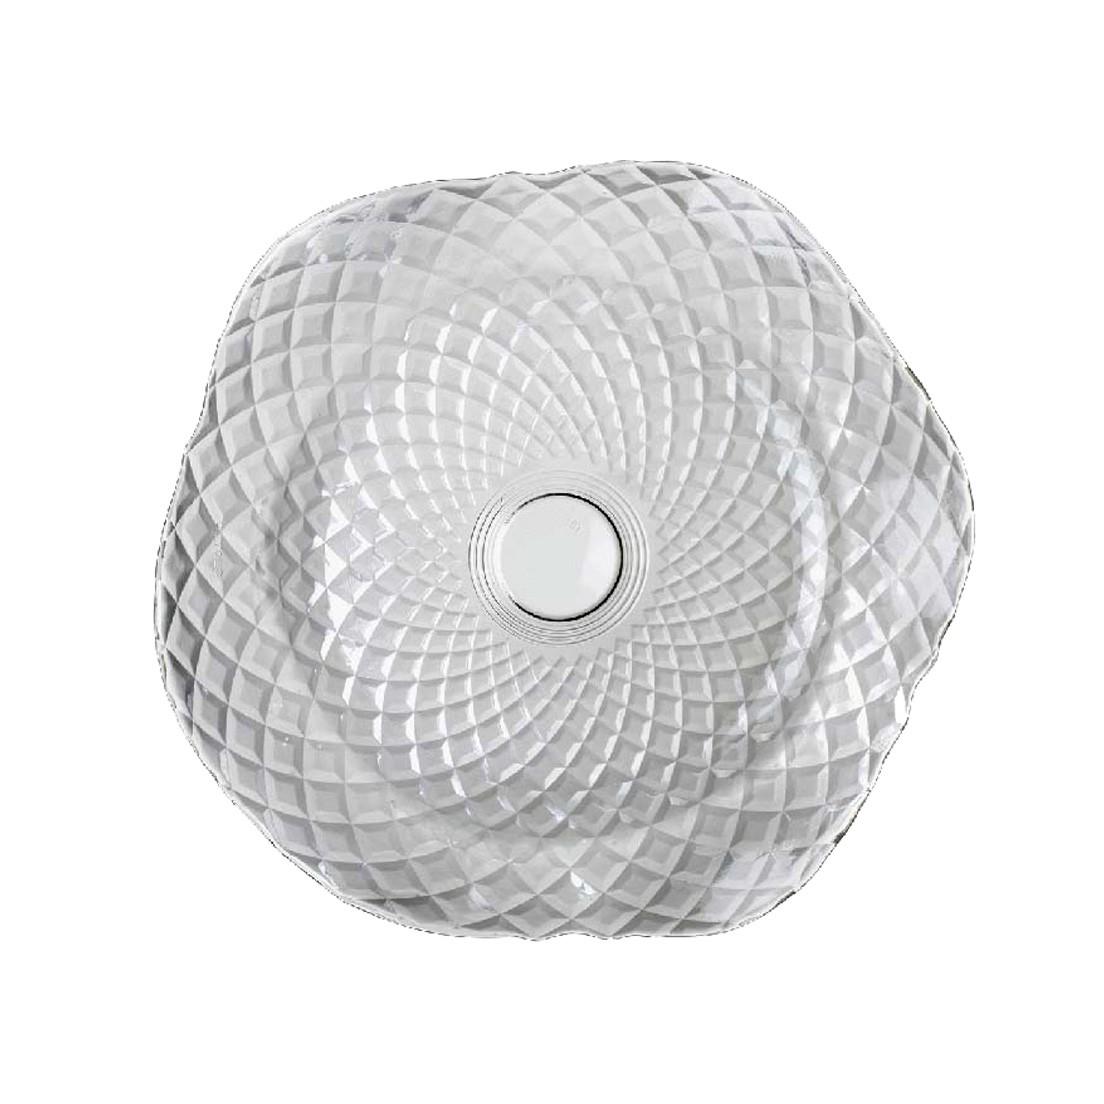 Bowl Ruvolo 32cm de Vidro para Temperar ou Servir